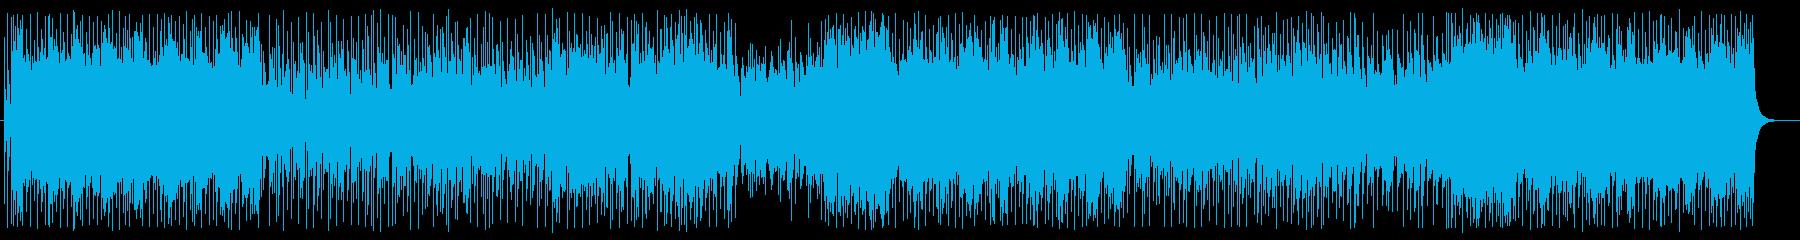 軽快で爽快なフュージョンポップの再生済みの波形